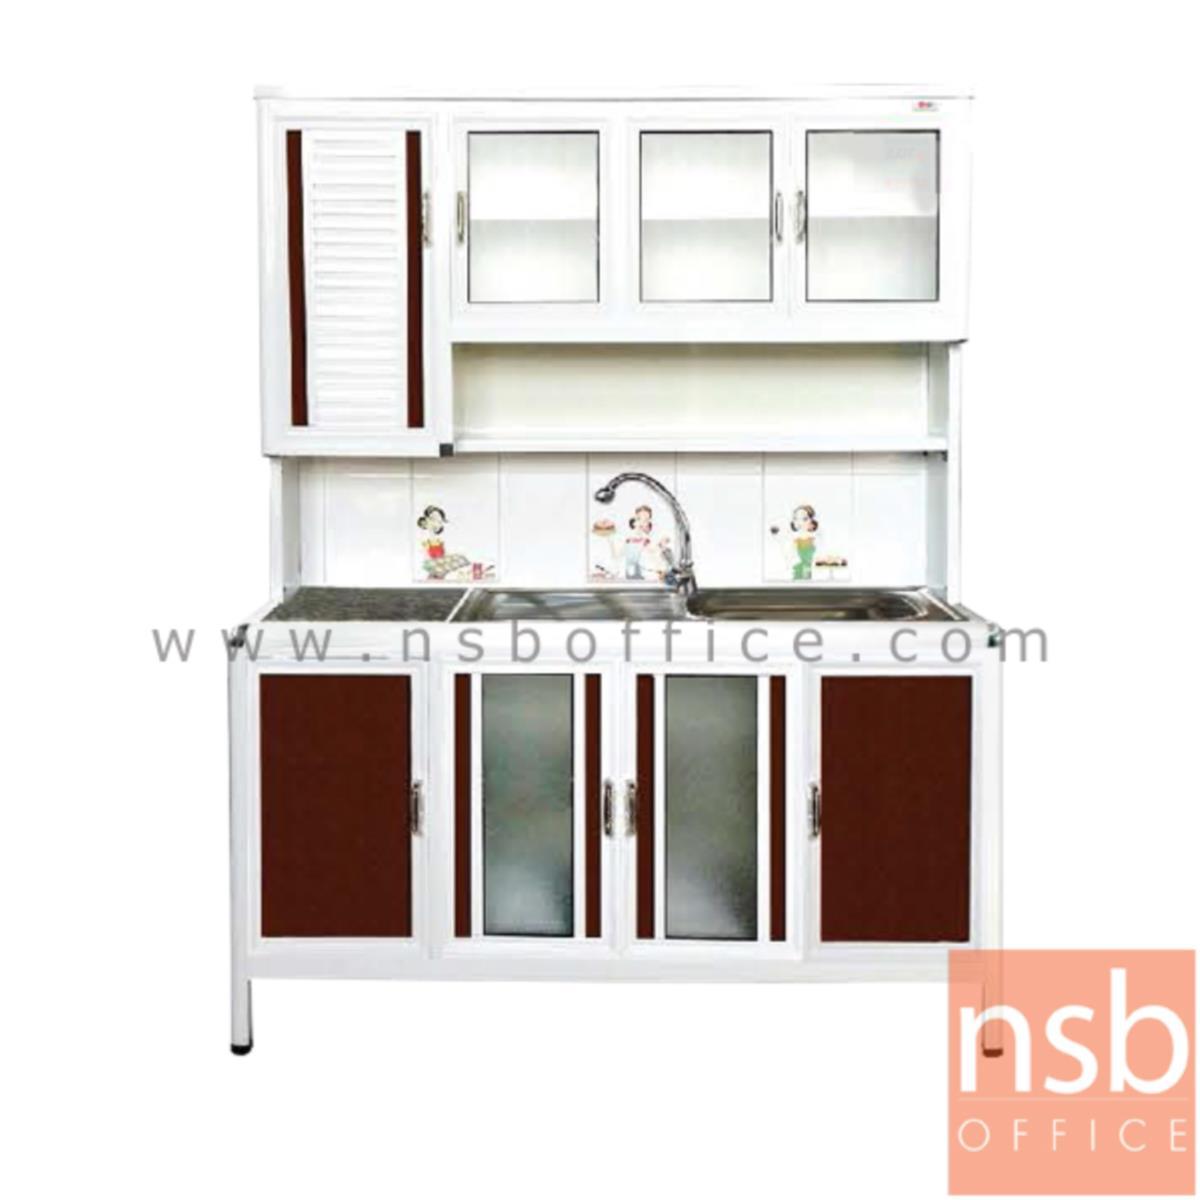 ตู้ครัวอลูมิเนียมอ่างซิงค์ 1 หลุม มีที่พักจาน กว้าง 160 ซม รุ่น GAPE 160S